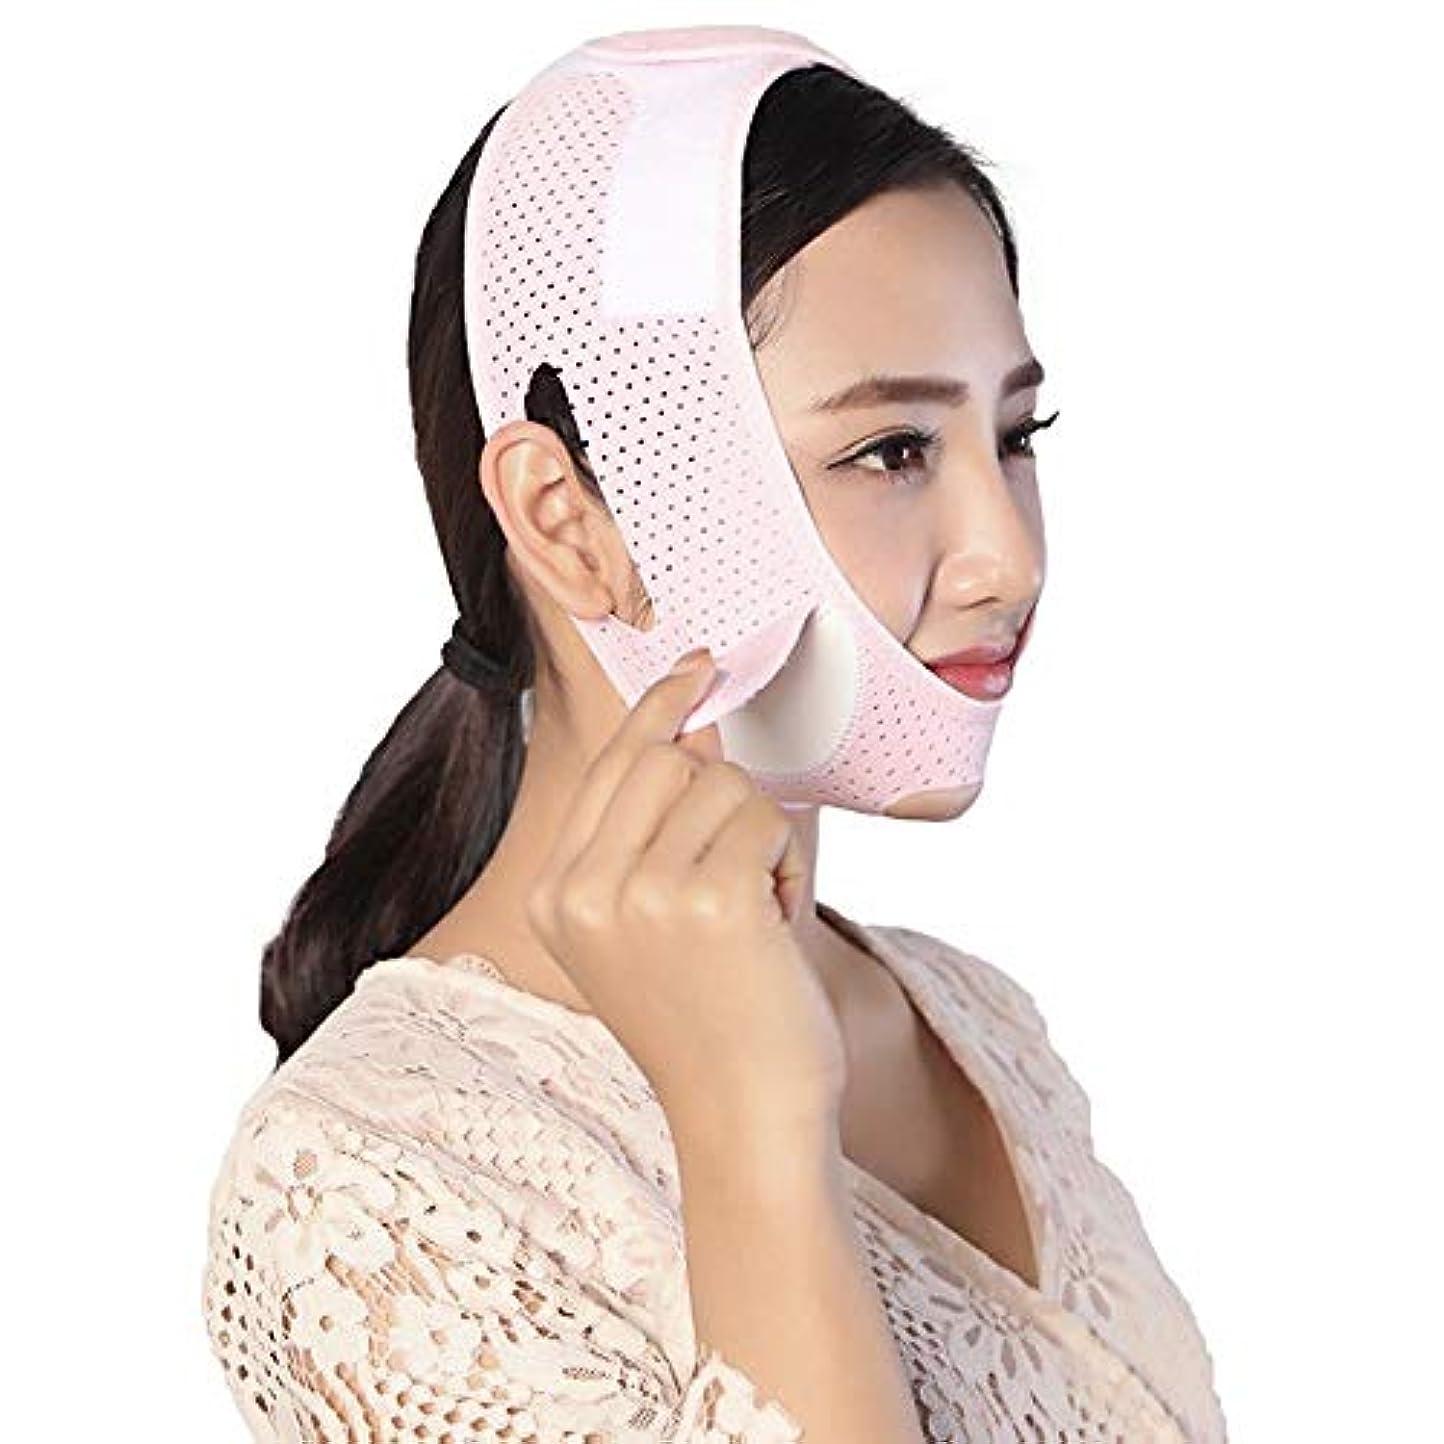 電気陽性グローバル影響力のある薄い顔のバンド - 薄い顔の包帯は、ダブルの顎の法令Vをマスクするために持ち上げて睡眠マスクの通気